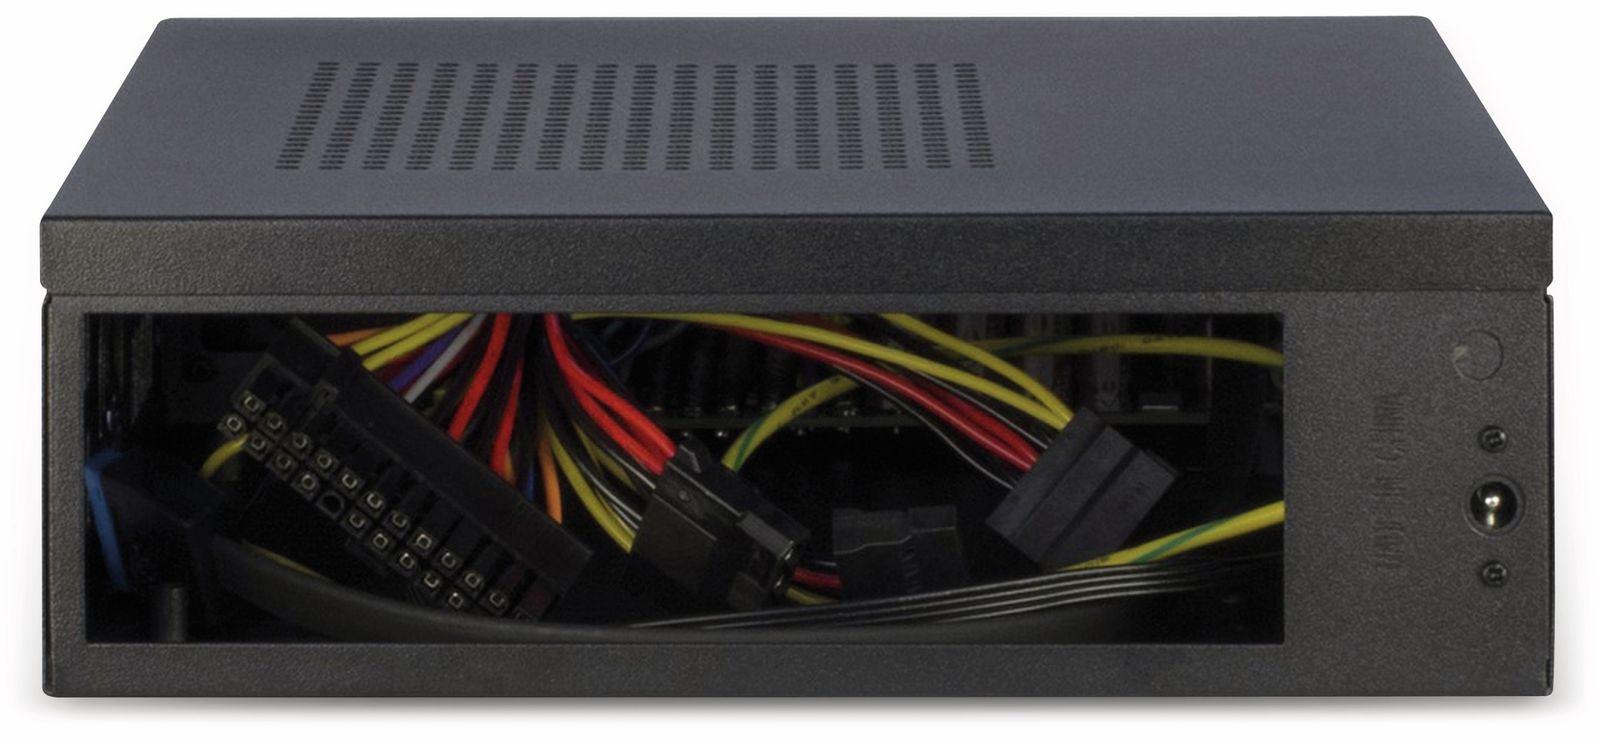 schwarz Inter-Tech ITX A80 HTPC-Geh/äuse